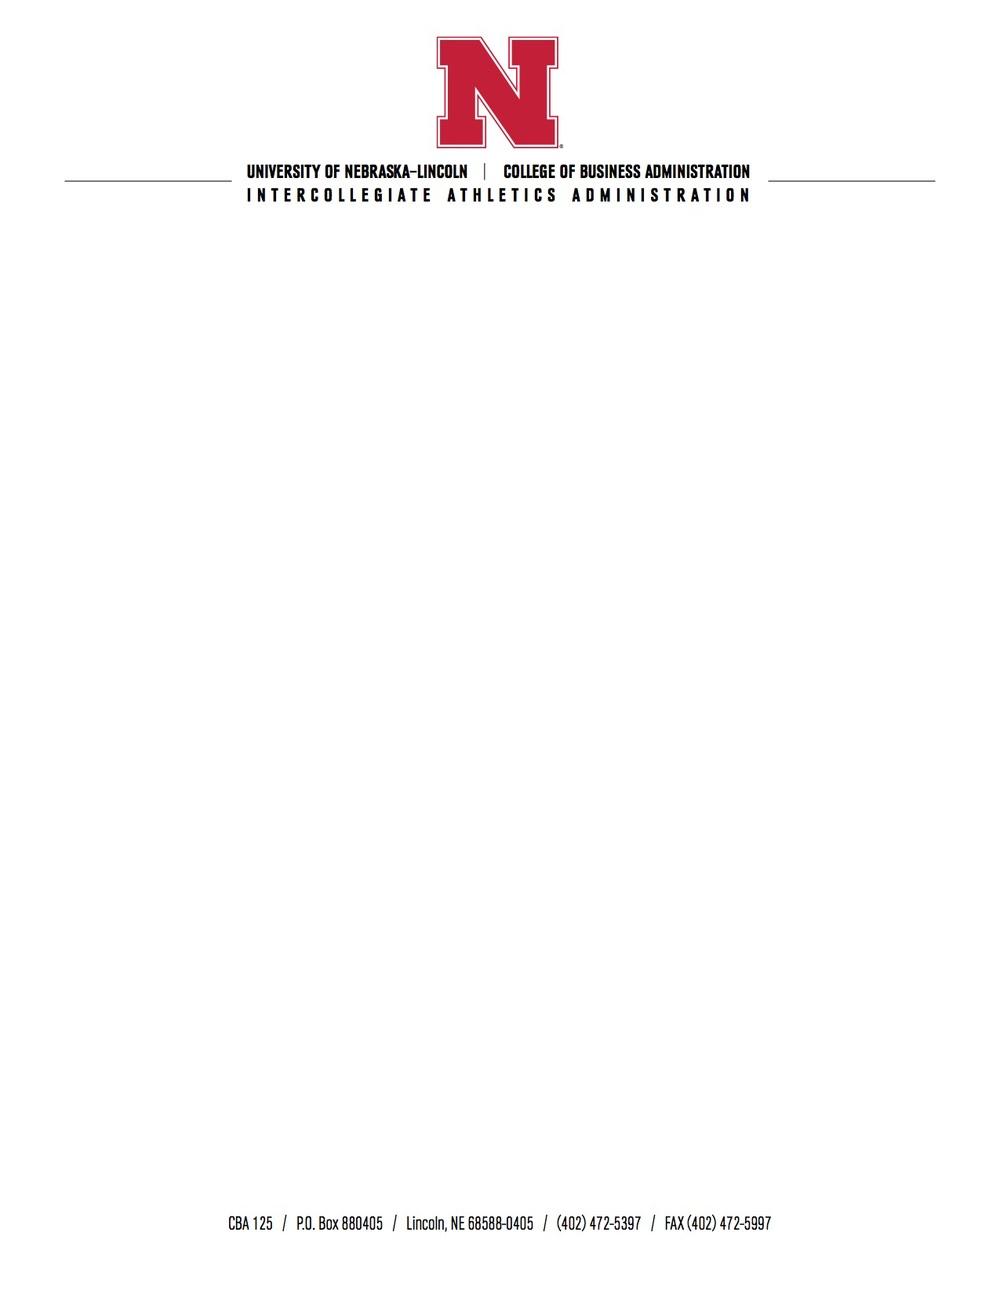 MAIAA letterhead